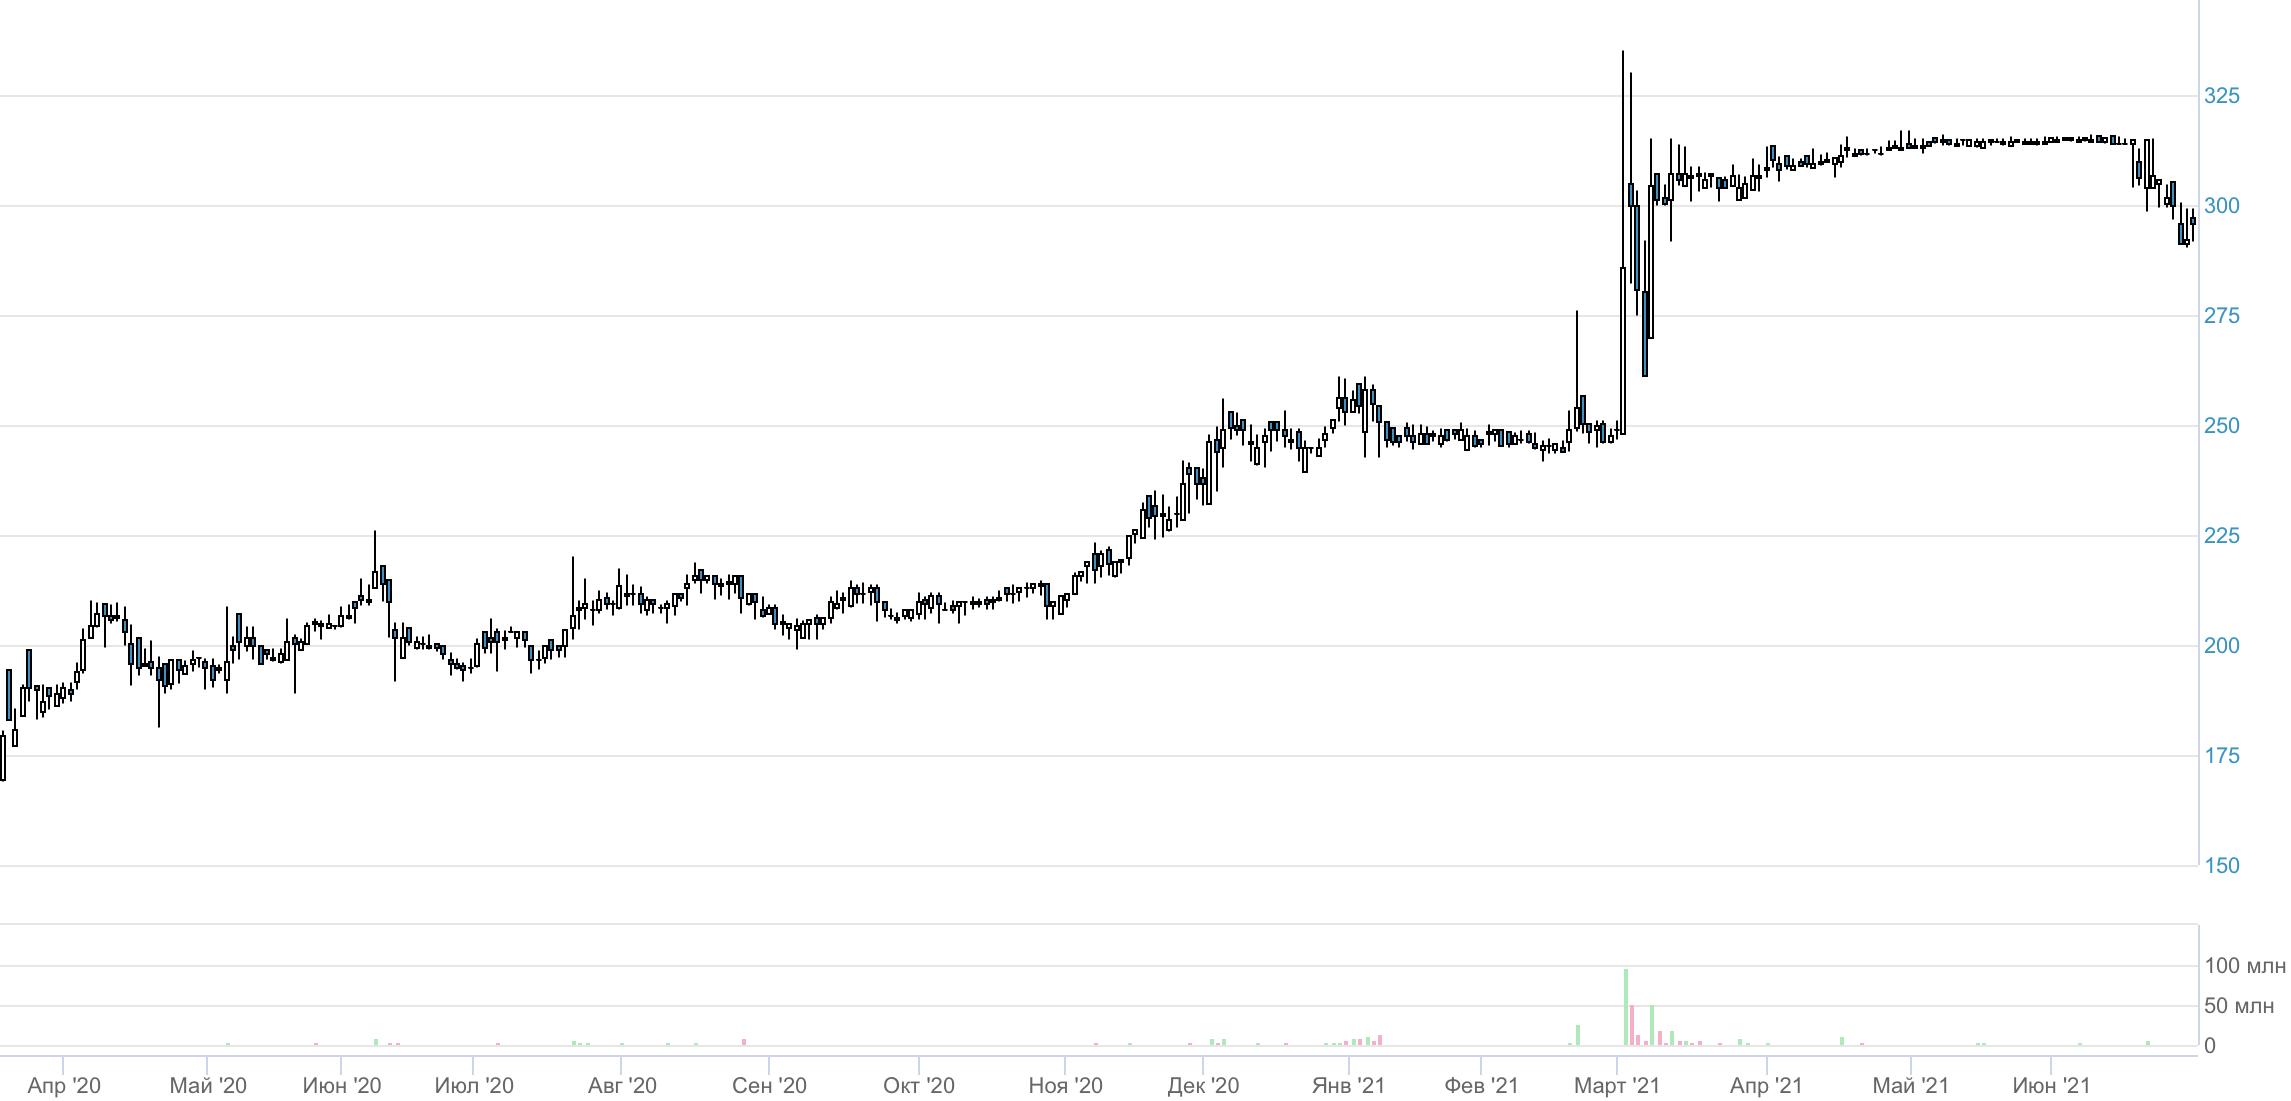 Челябинские инвесторы настолько суровы, что выкупают сразу все акции